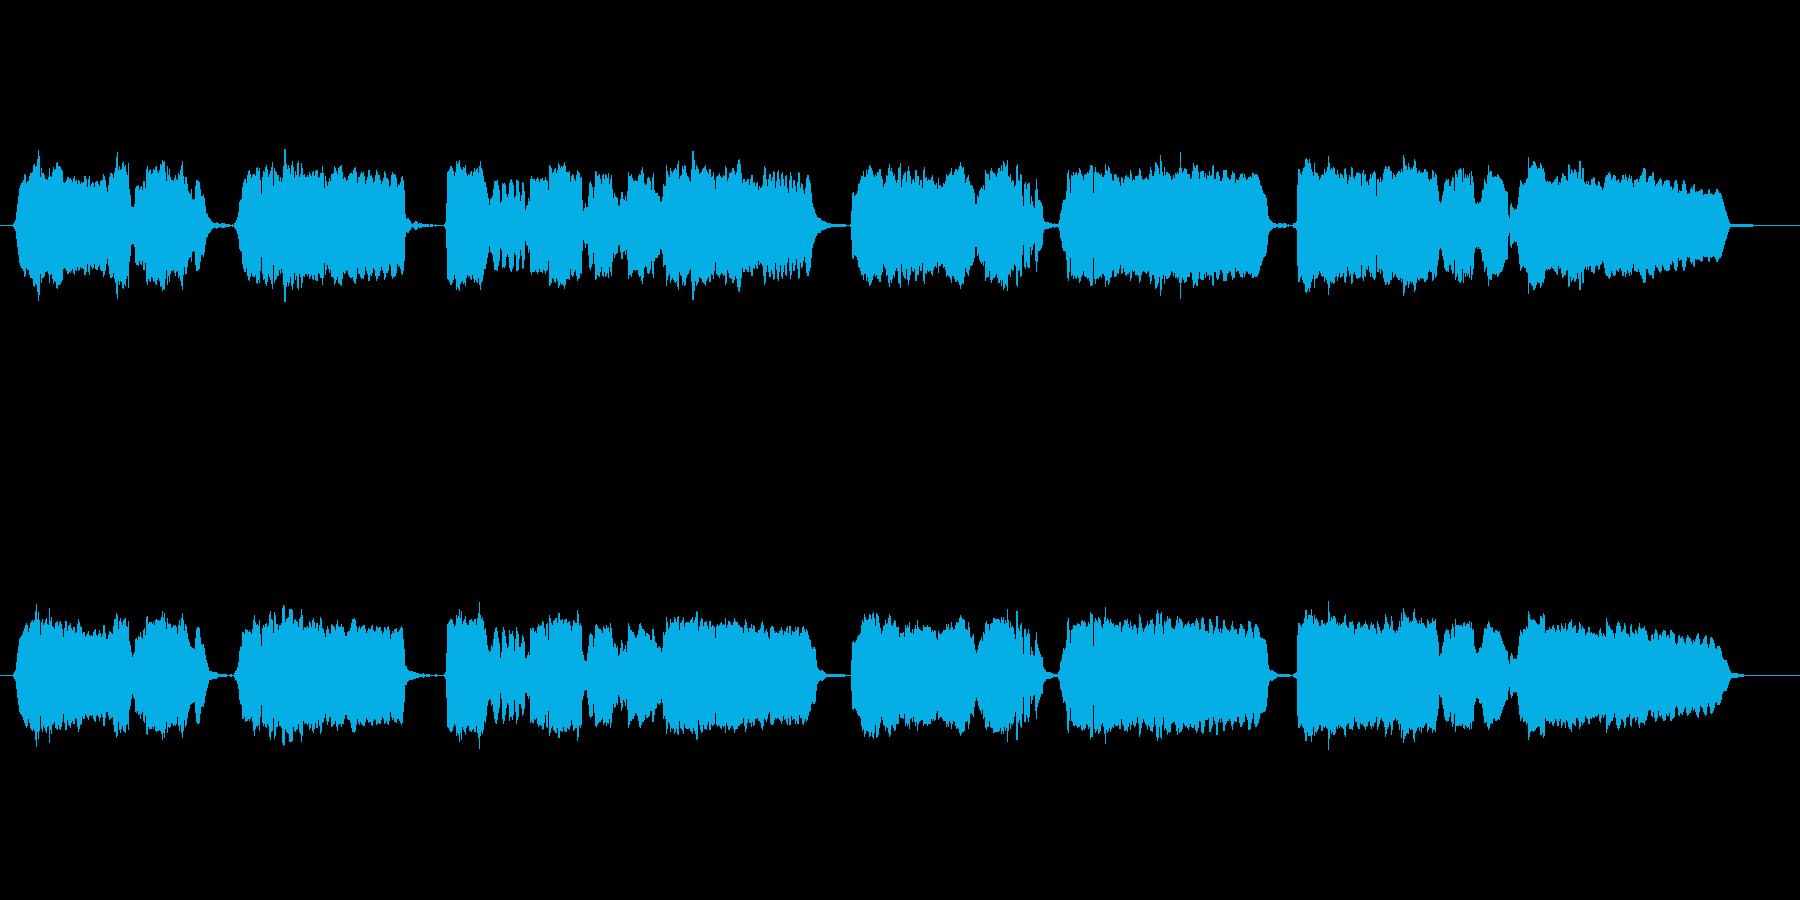 童謡「赤とんぼ」の篠笛独奏の再生済みの波形